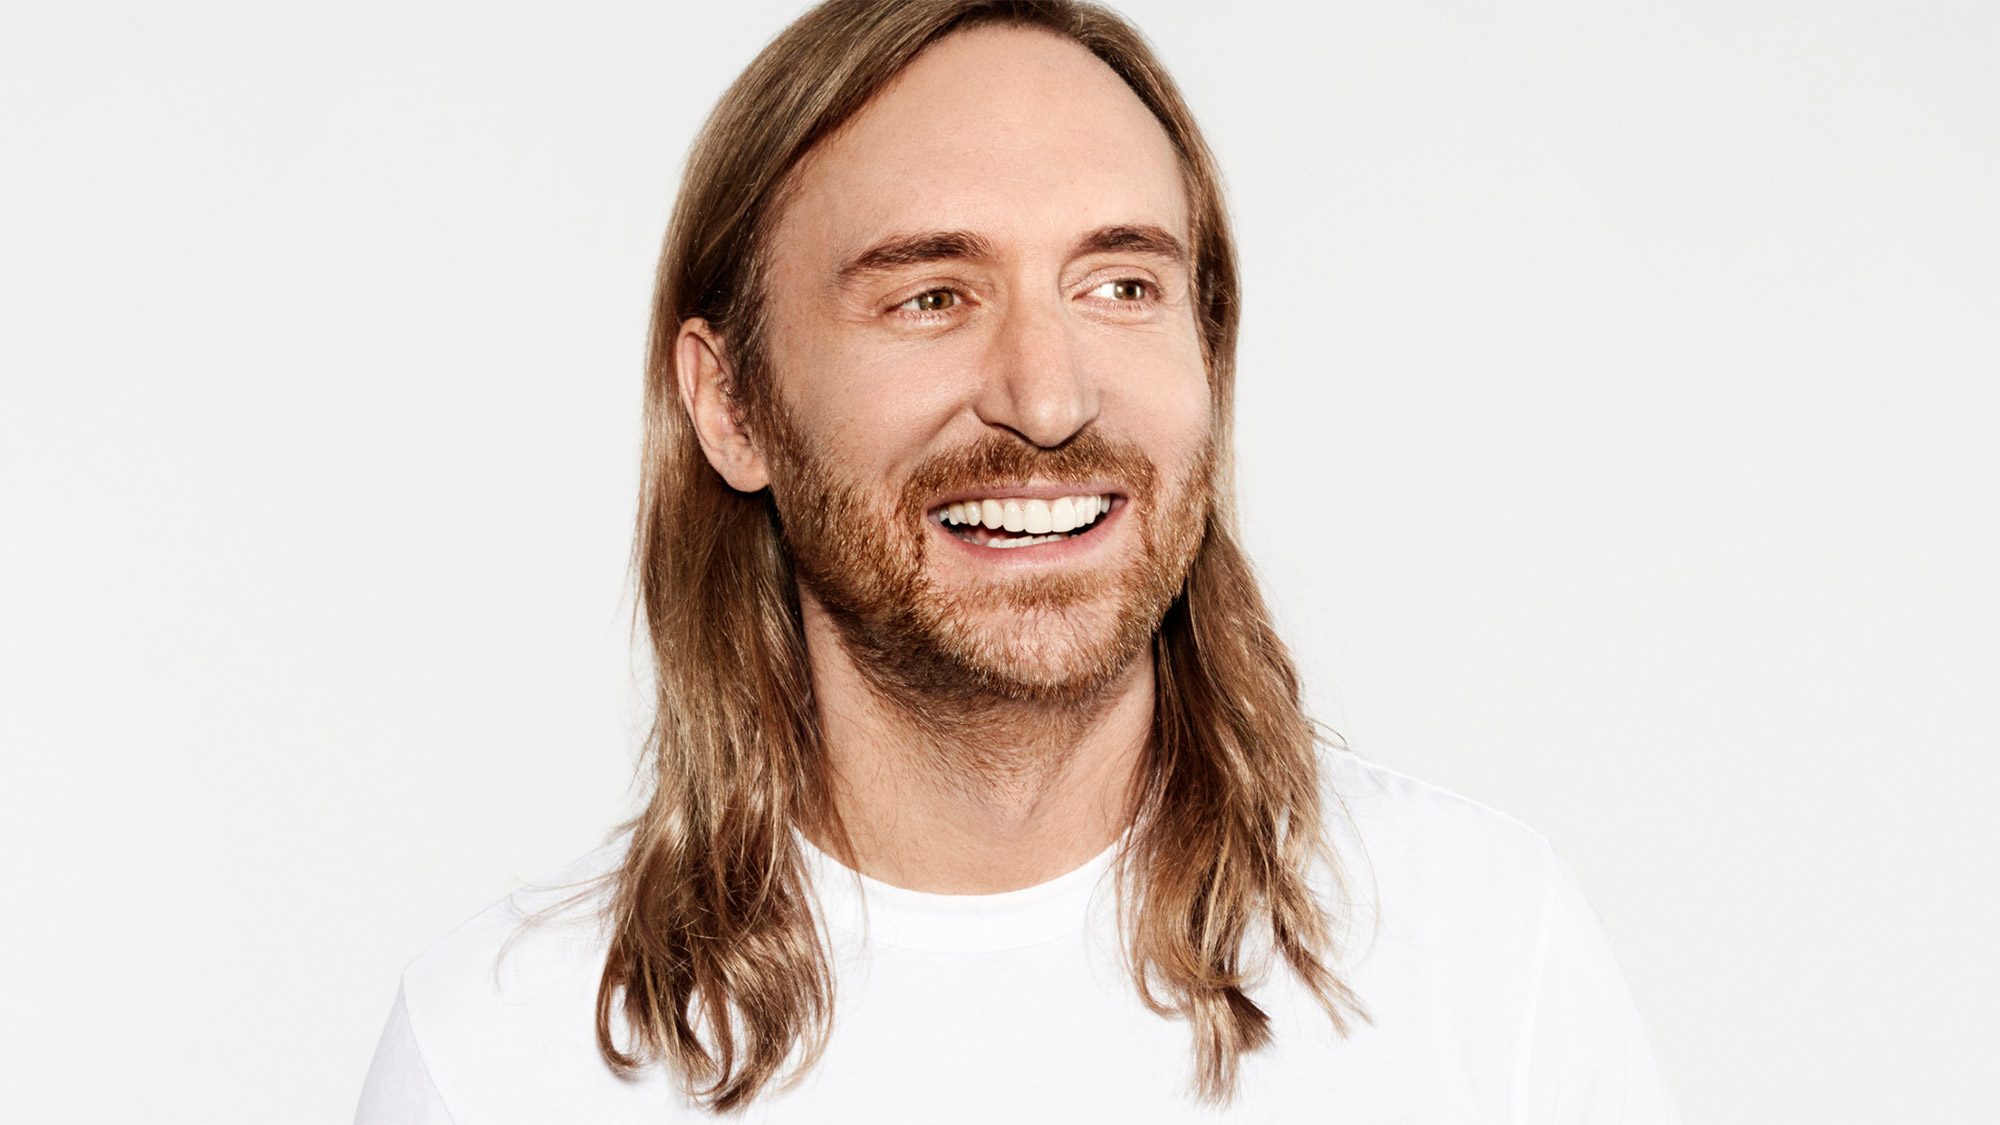 David Guetta Es Ist Nicht Einfach Mit Einem Dj Zusammen Zu Sein